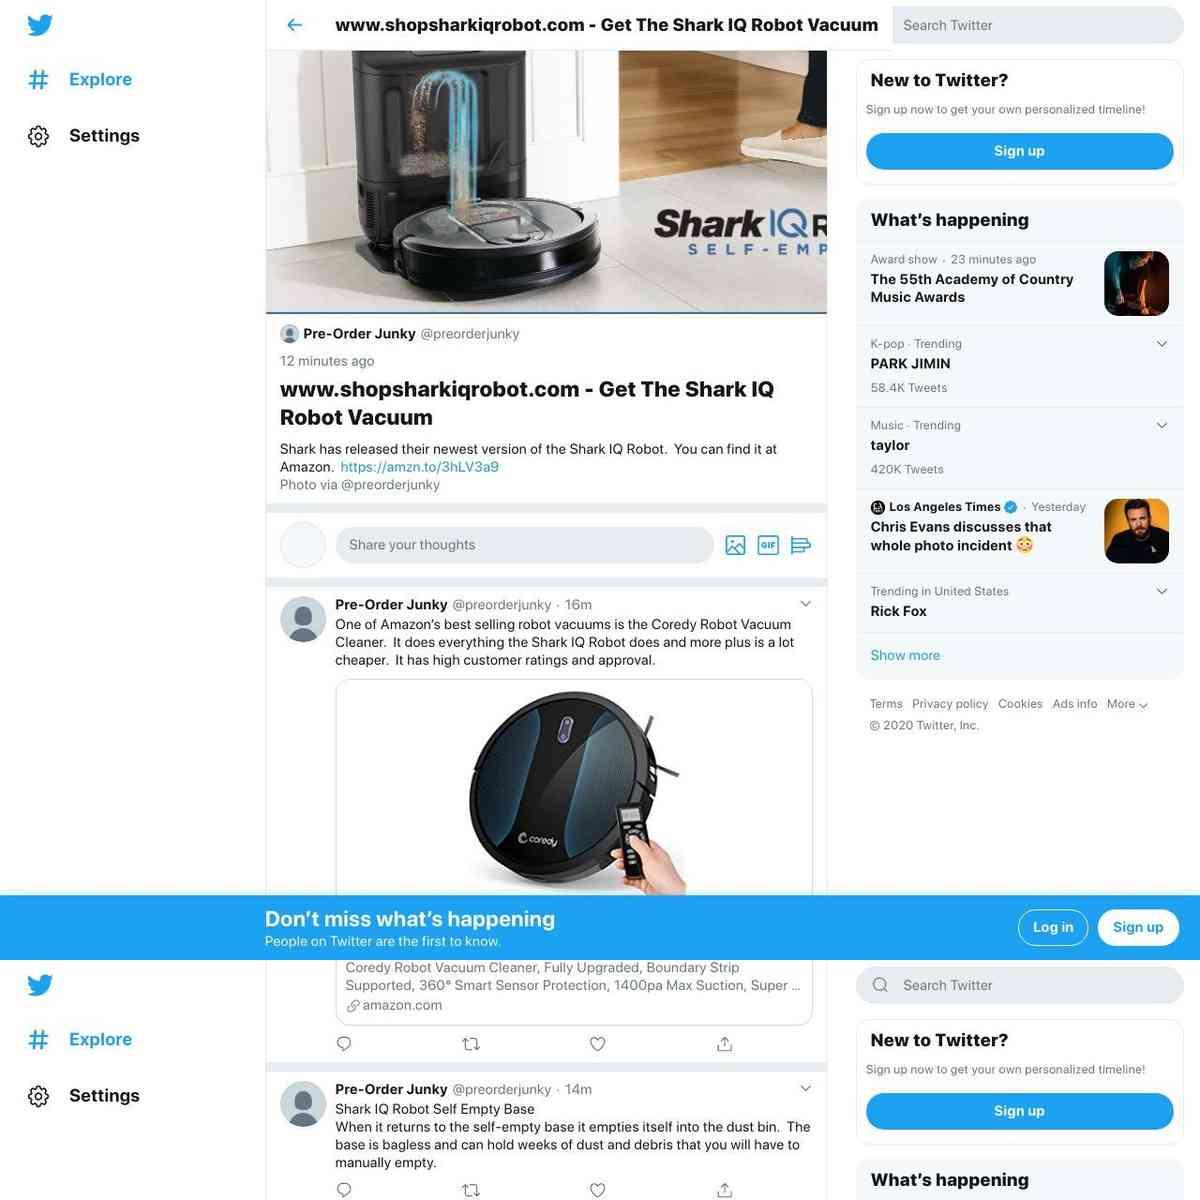 ShopSharkIQRobot Vacuum